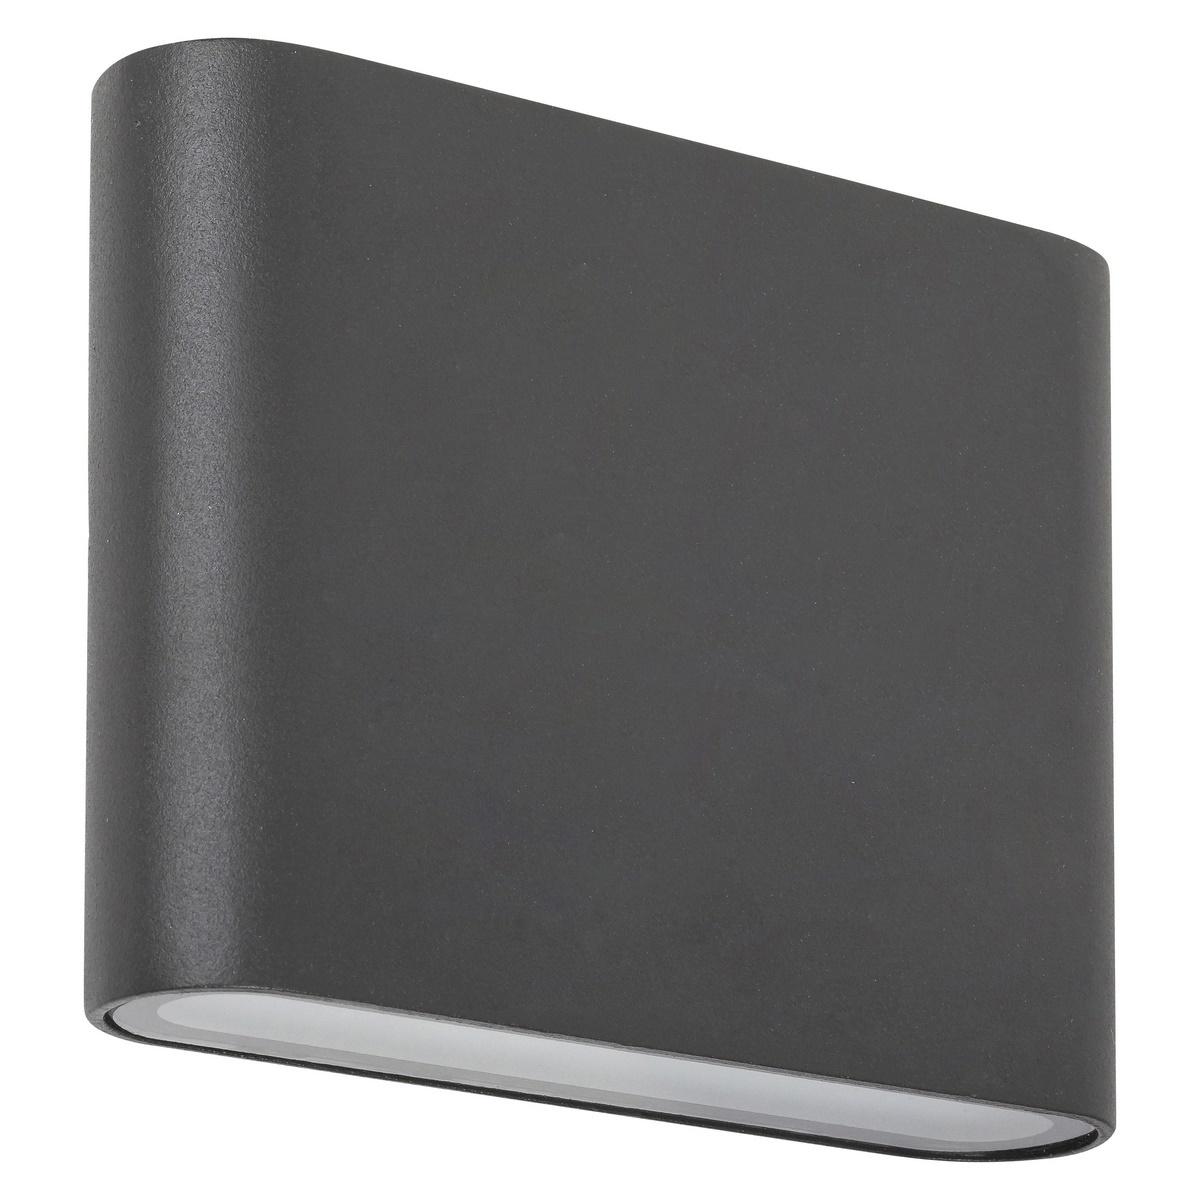 Rabalux 7951 Nesna Venkovní LED nástěnné svítidlo, černá